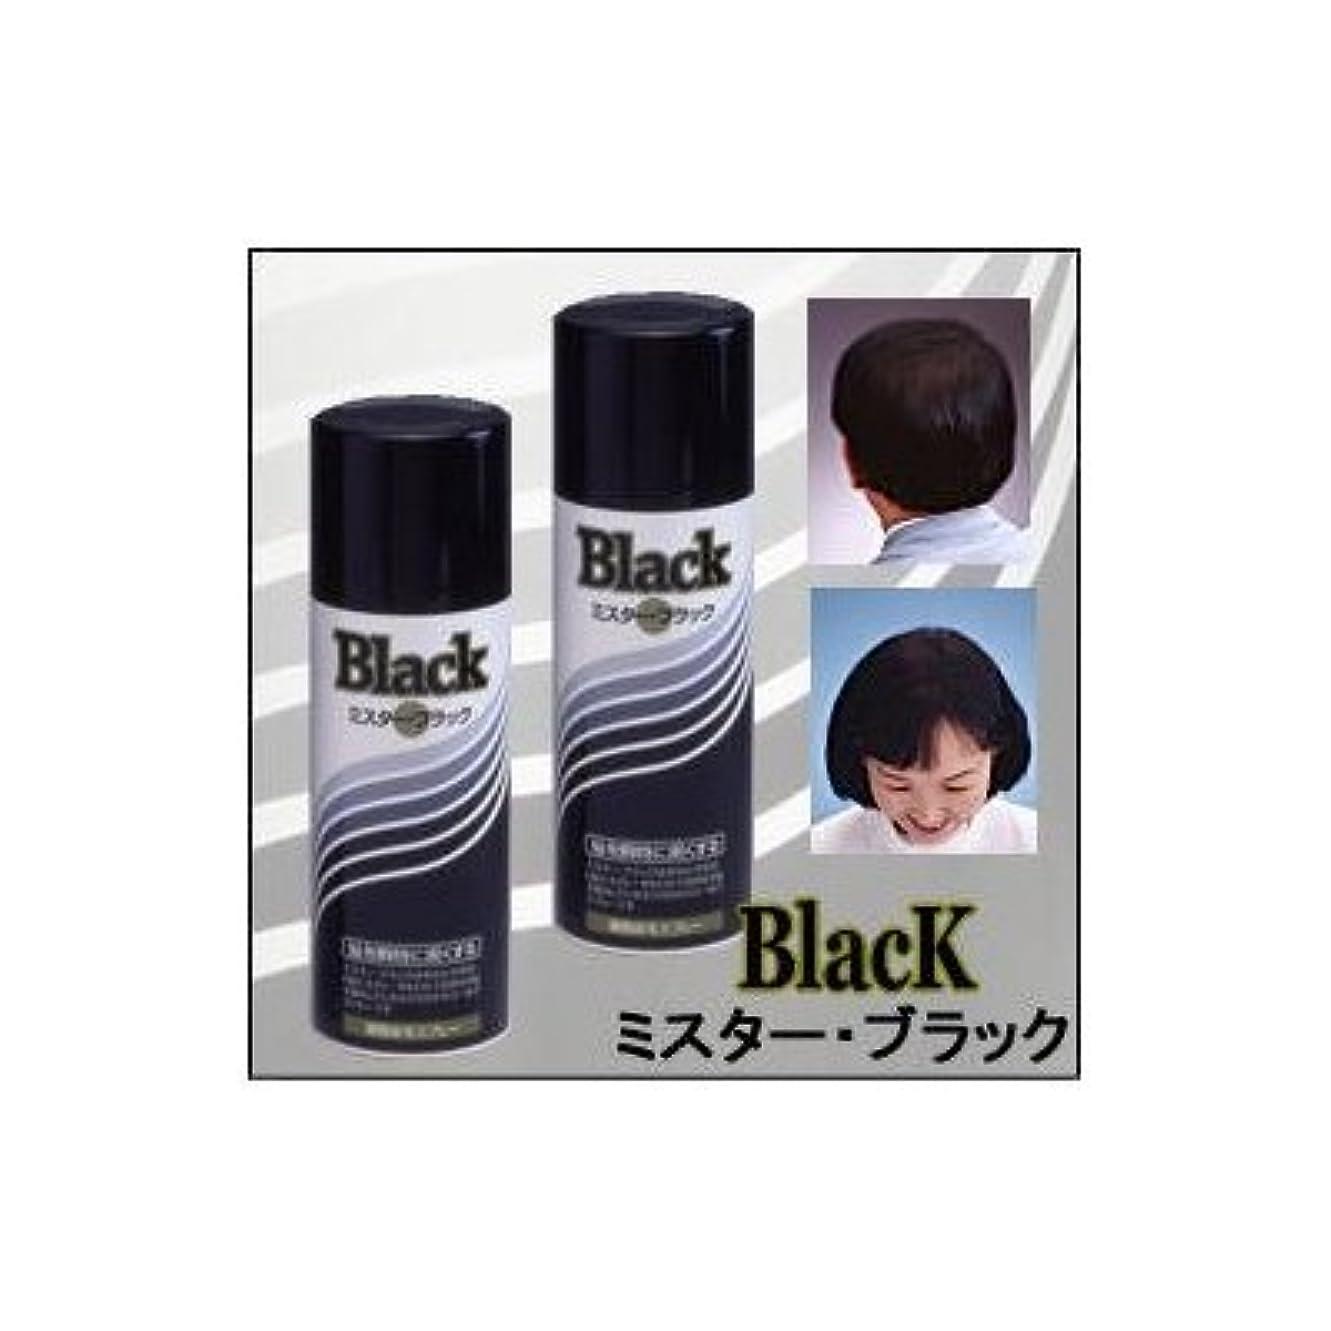 けん引ペン味『ミスターブラック ? 男女兼用』 薄毛対策スプレー  瞬時に対応 ?染毛料? 日本製 (2本組)